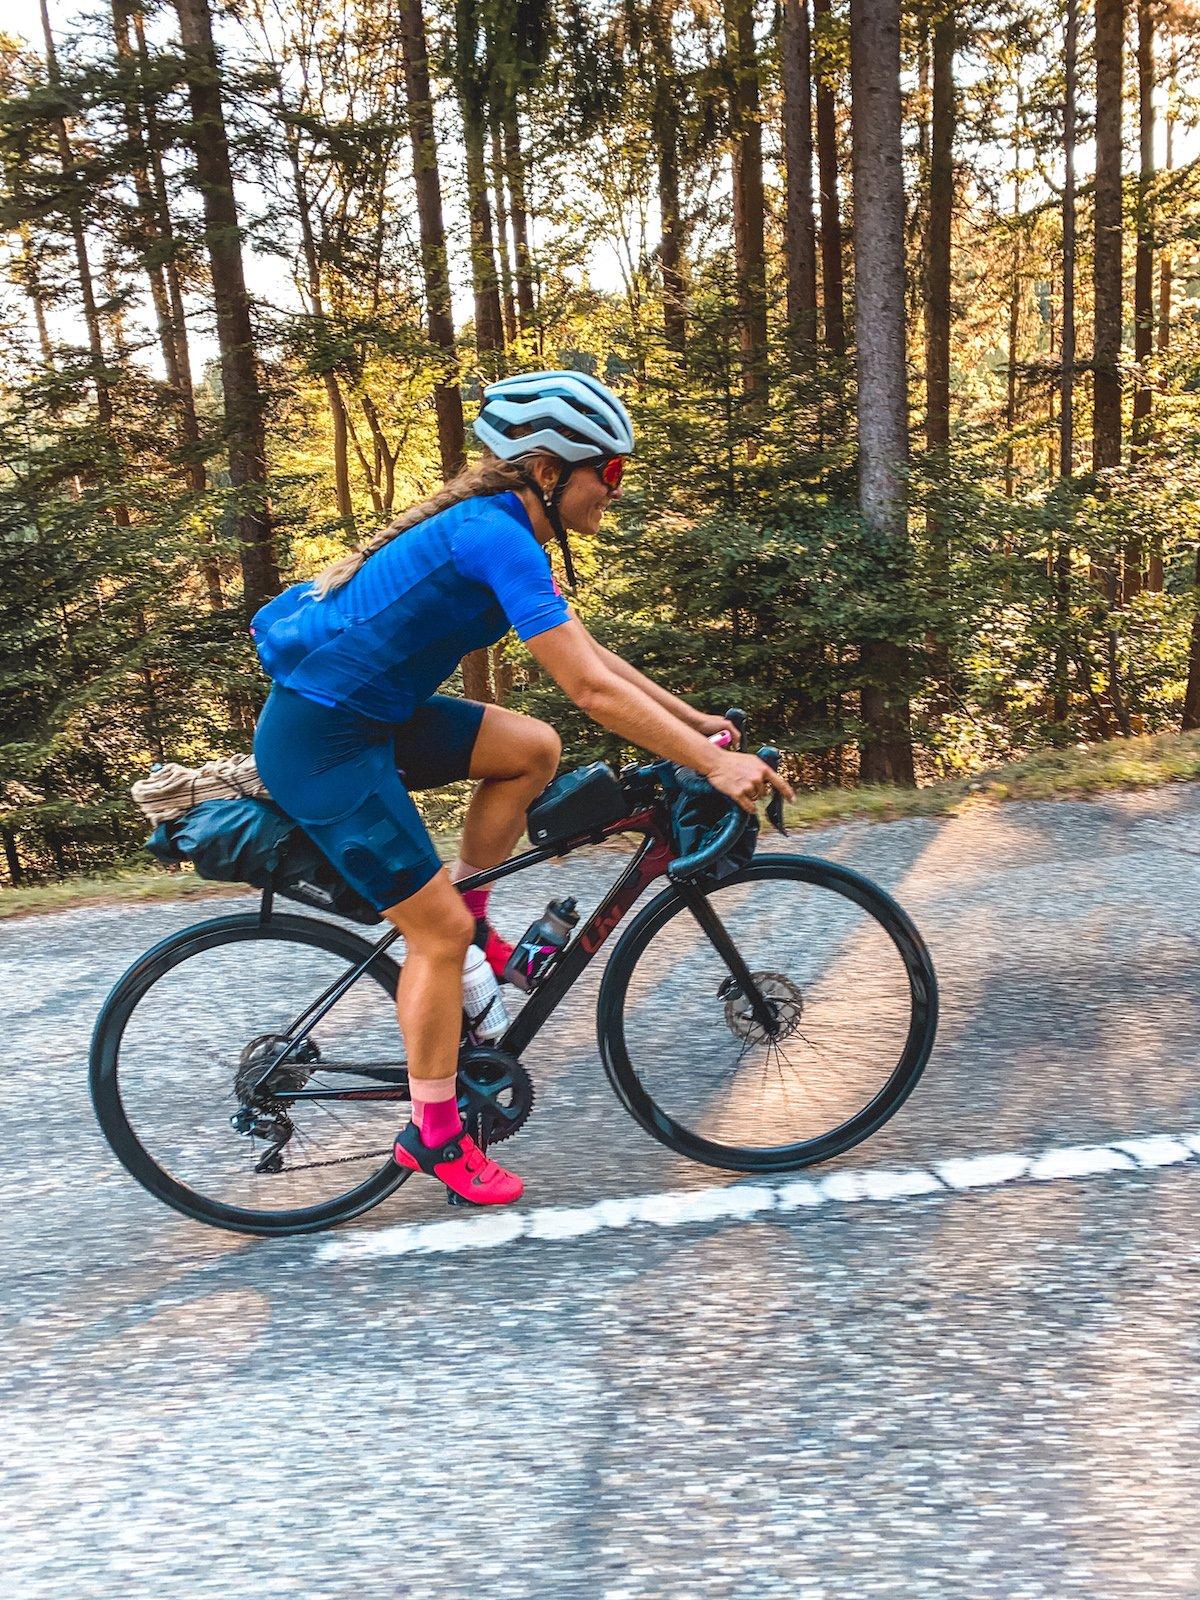 Mon 1er Voyage à vélo: 600km en 5 jours en Alsace